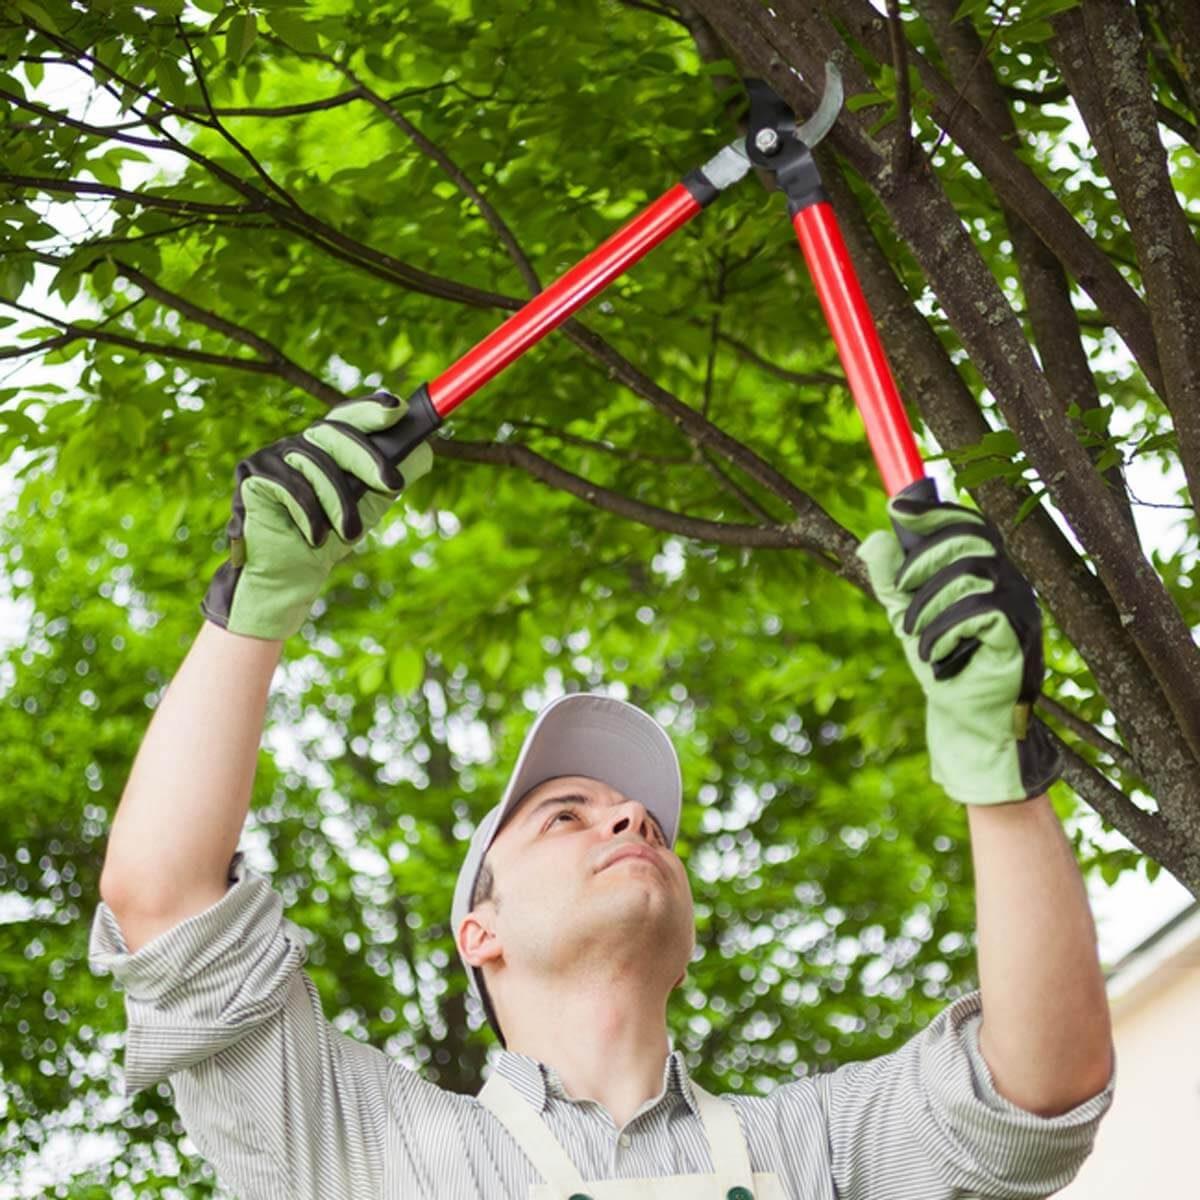 Get Pruning